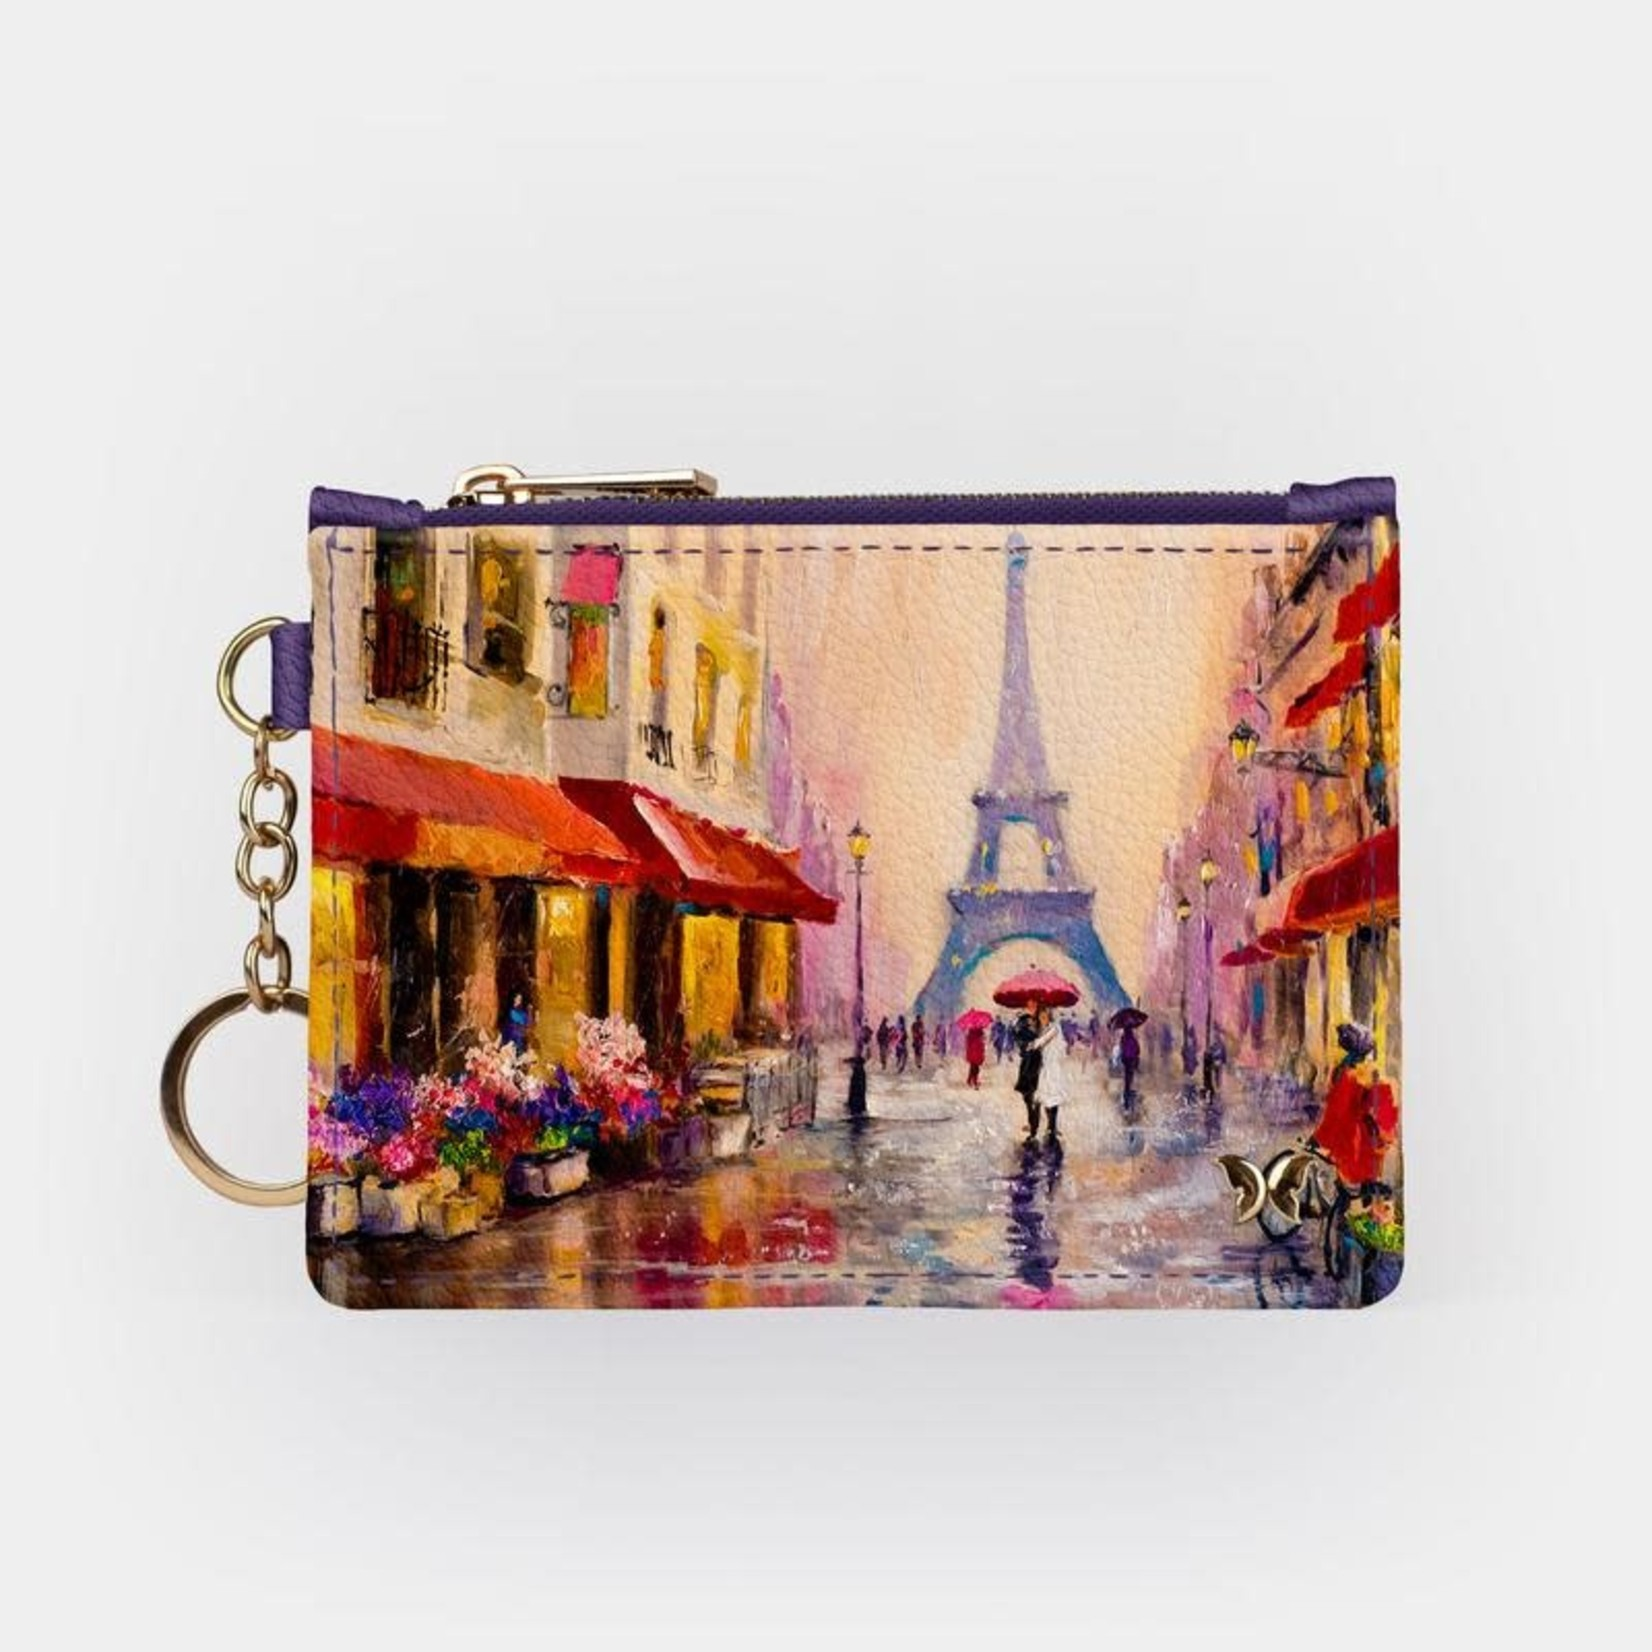 Monarque Keychain Wallet - Travel Paris